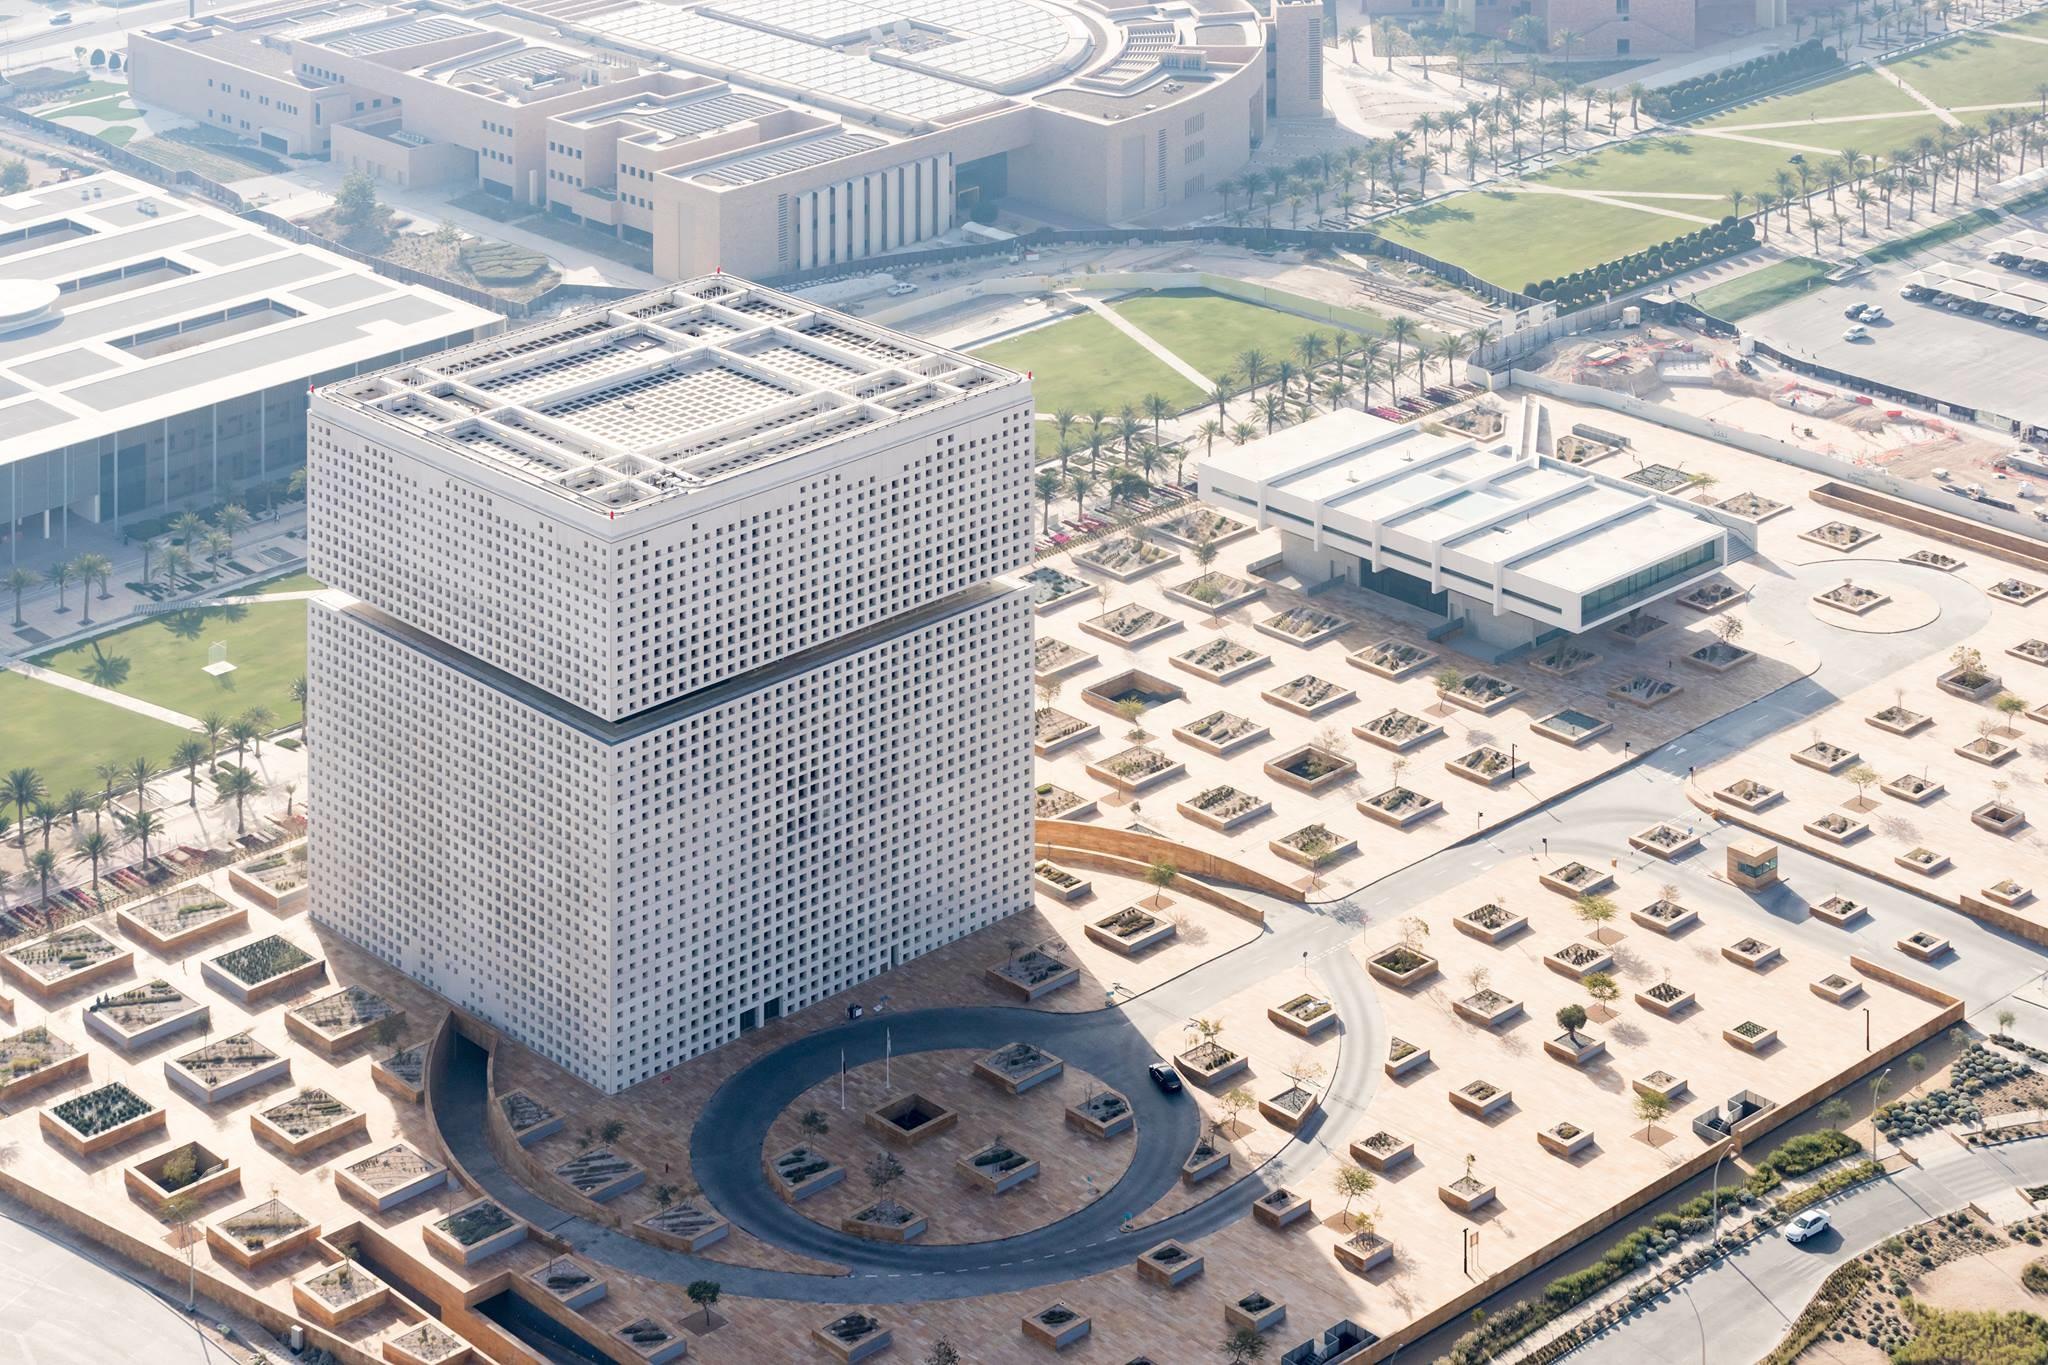 Qatar Foundation Headquarters & Strategic Studies Centre